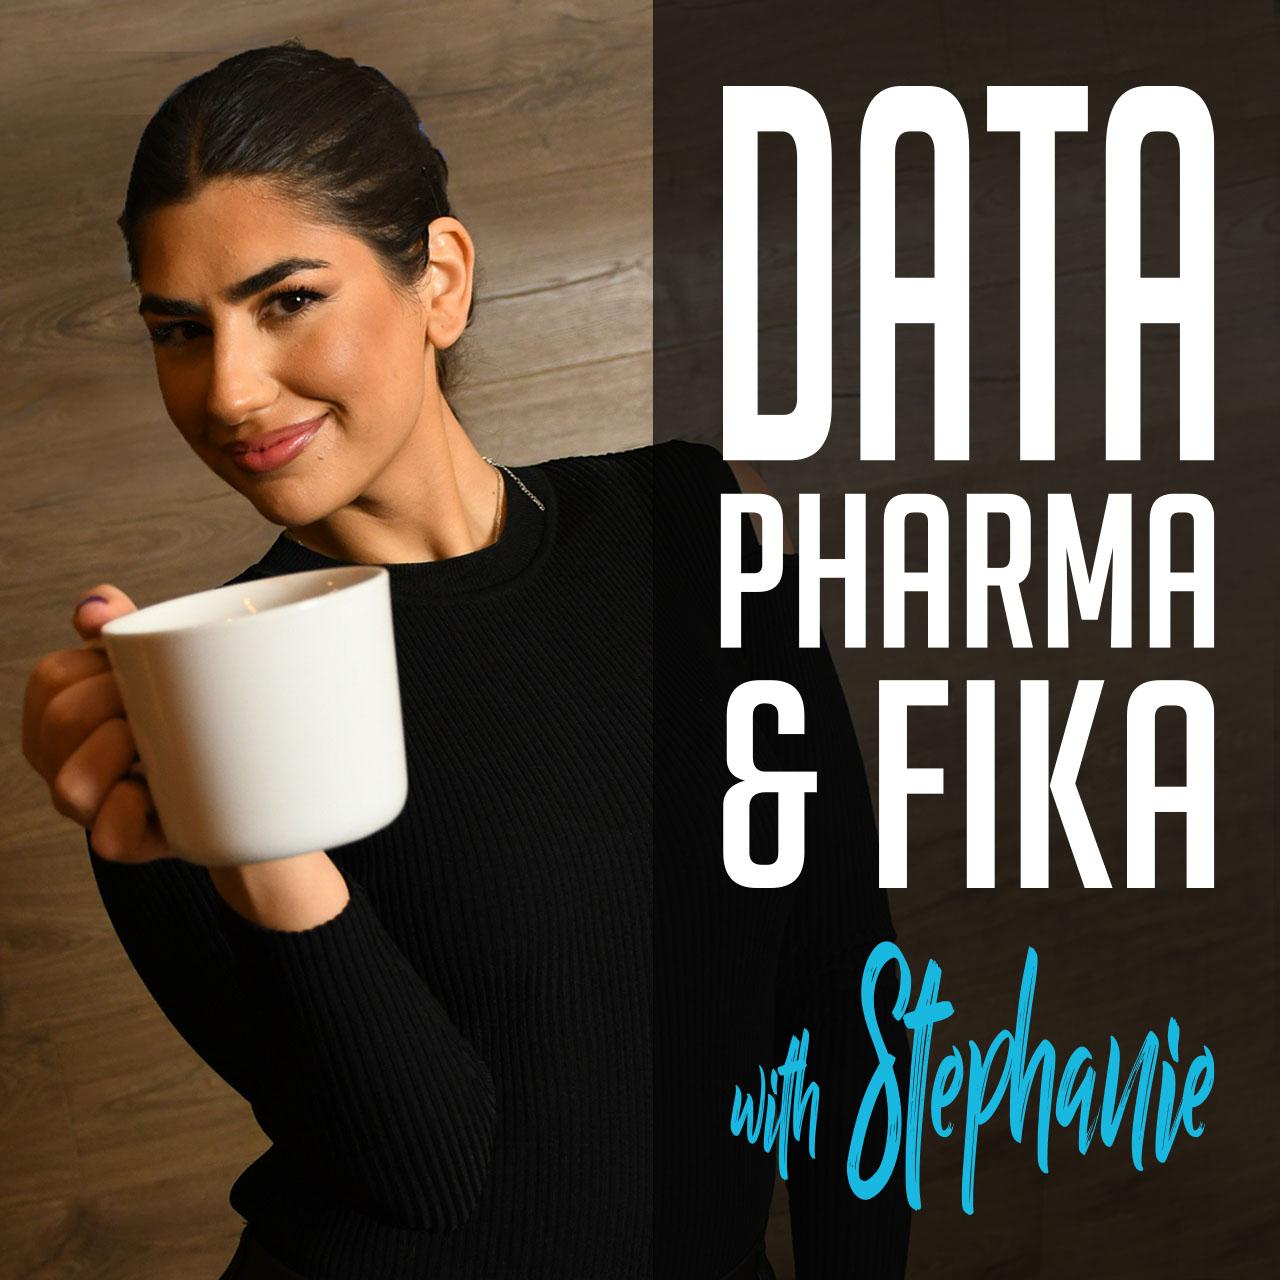 Podcast by Captario. Data, Pharma & Fika